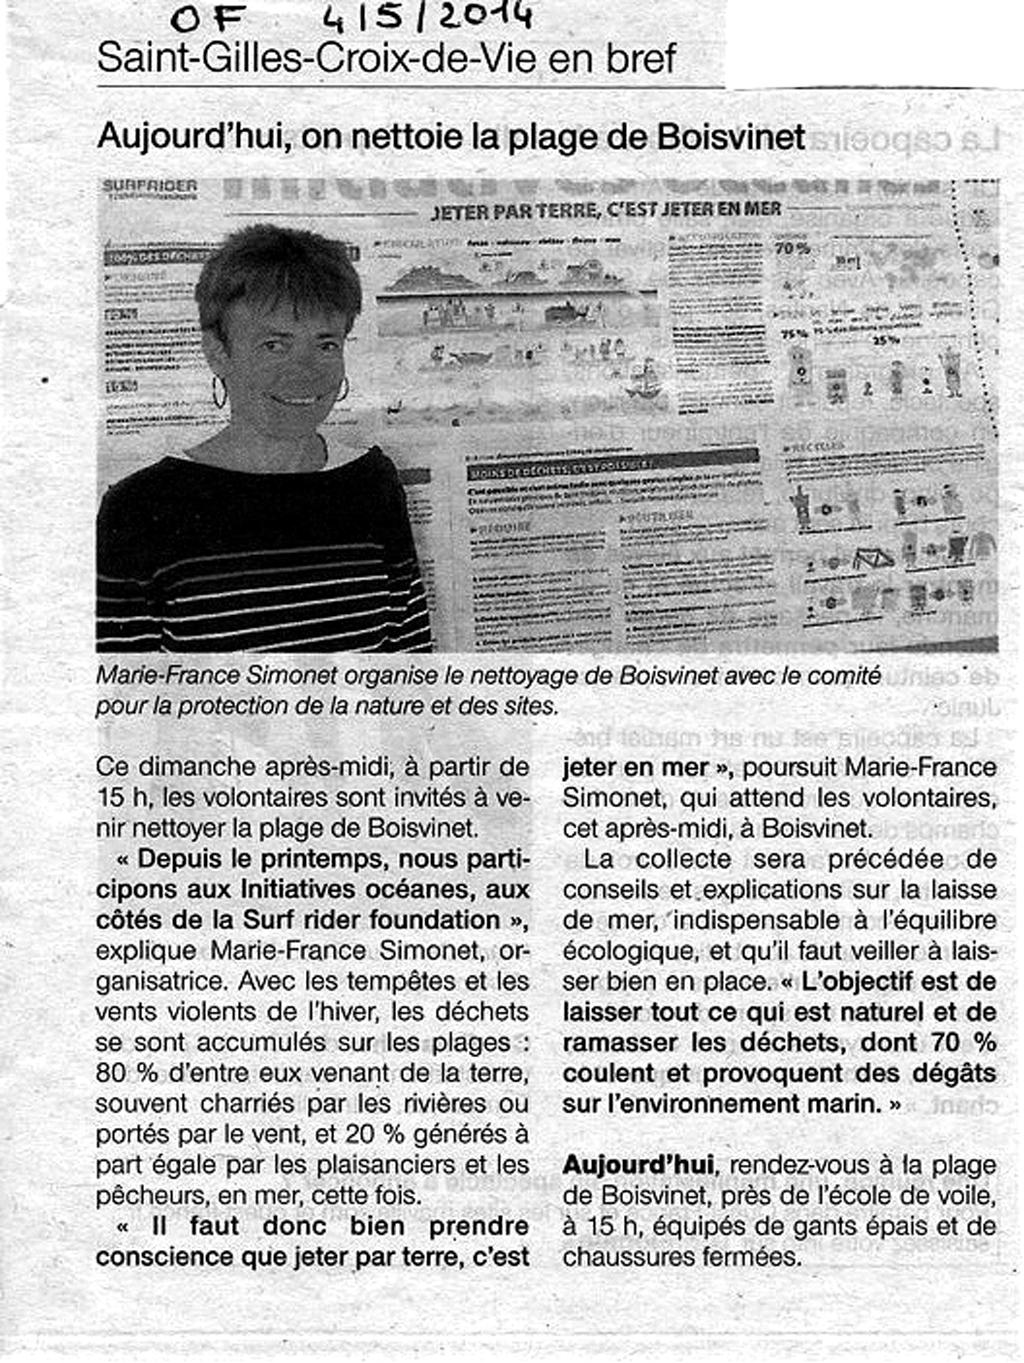 Ouest France du 4 mai 2014